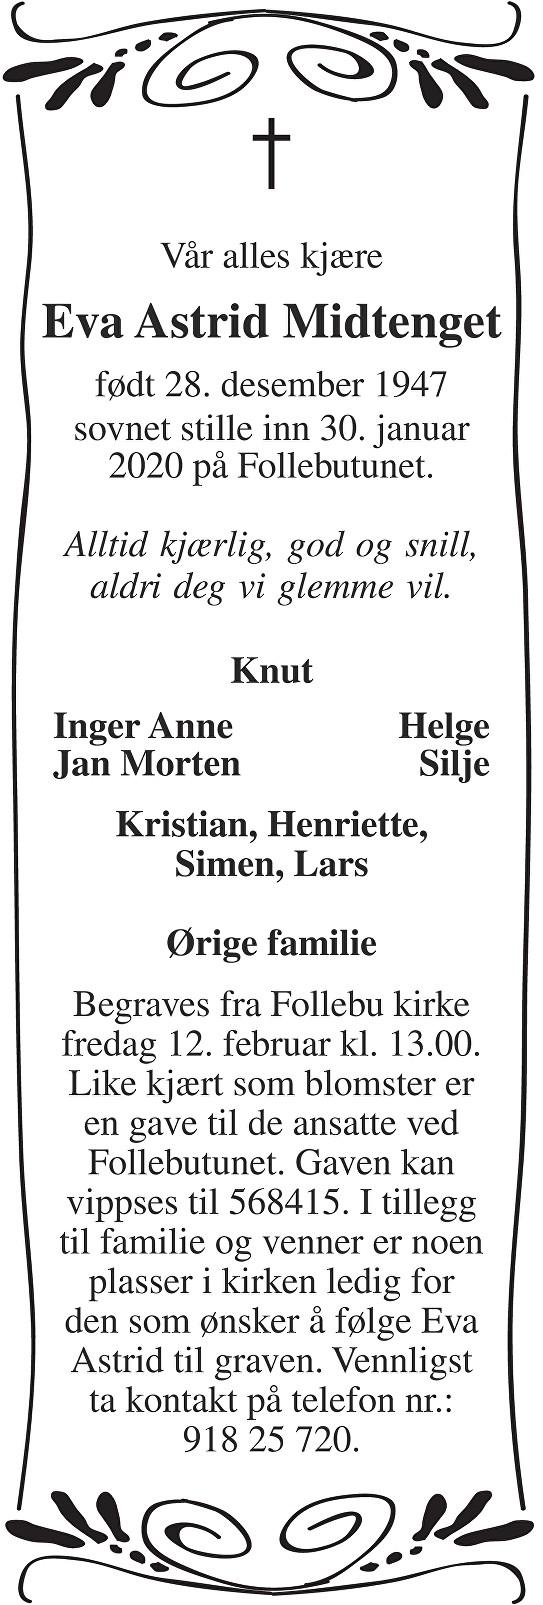 Eva Astrid Midtenget Dødsannonse